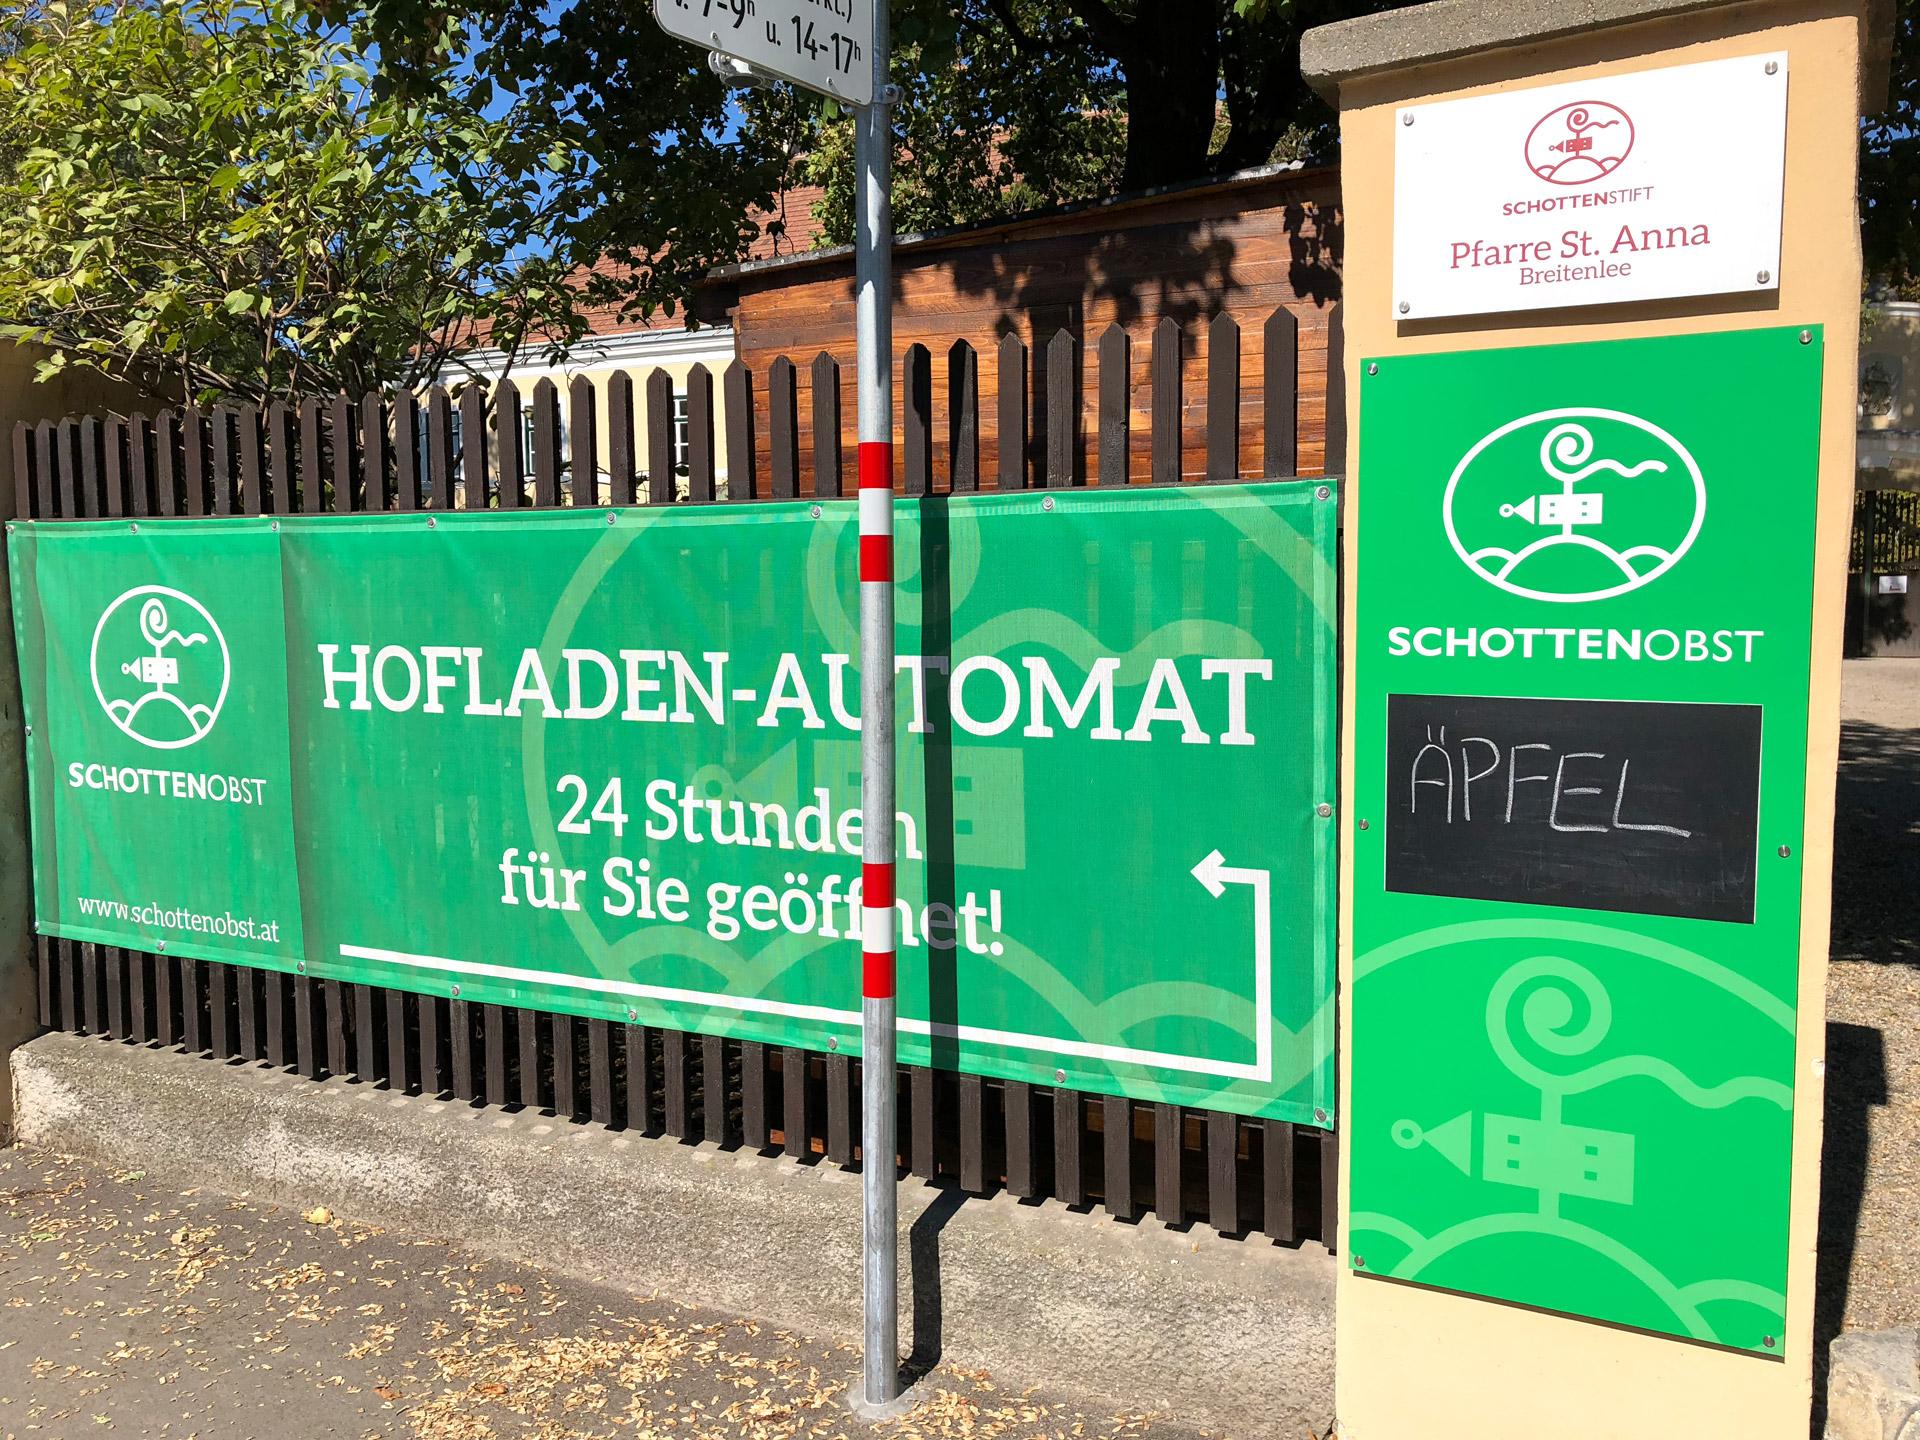 Hofladen-Automat